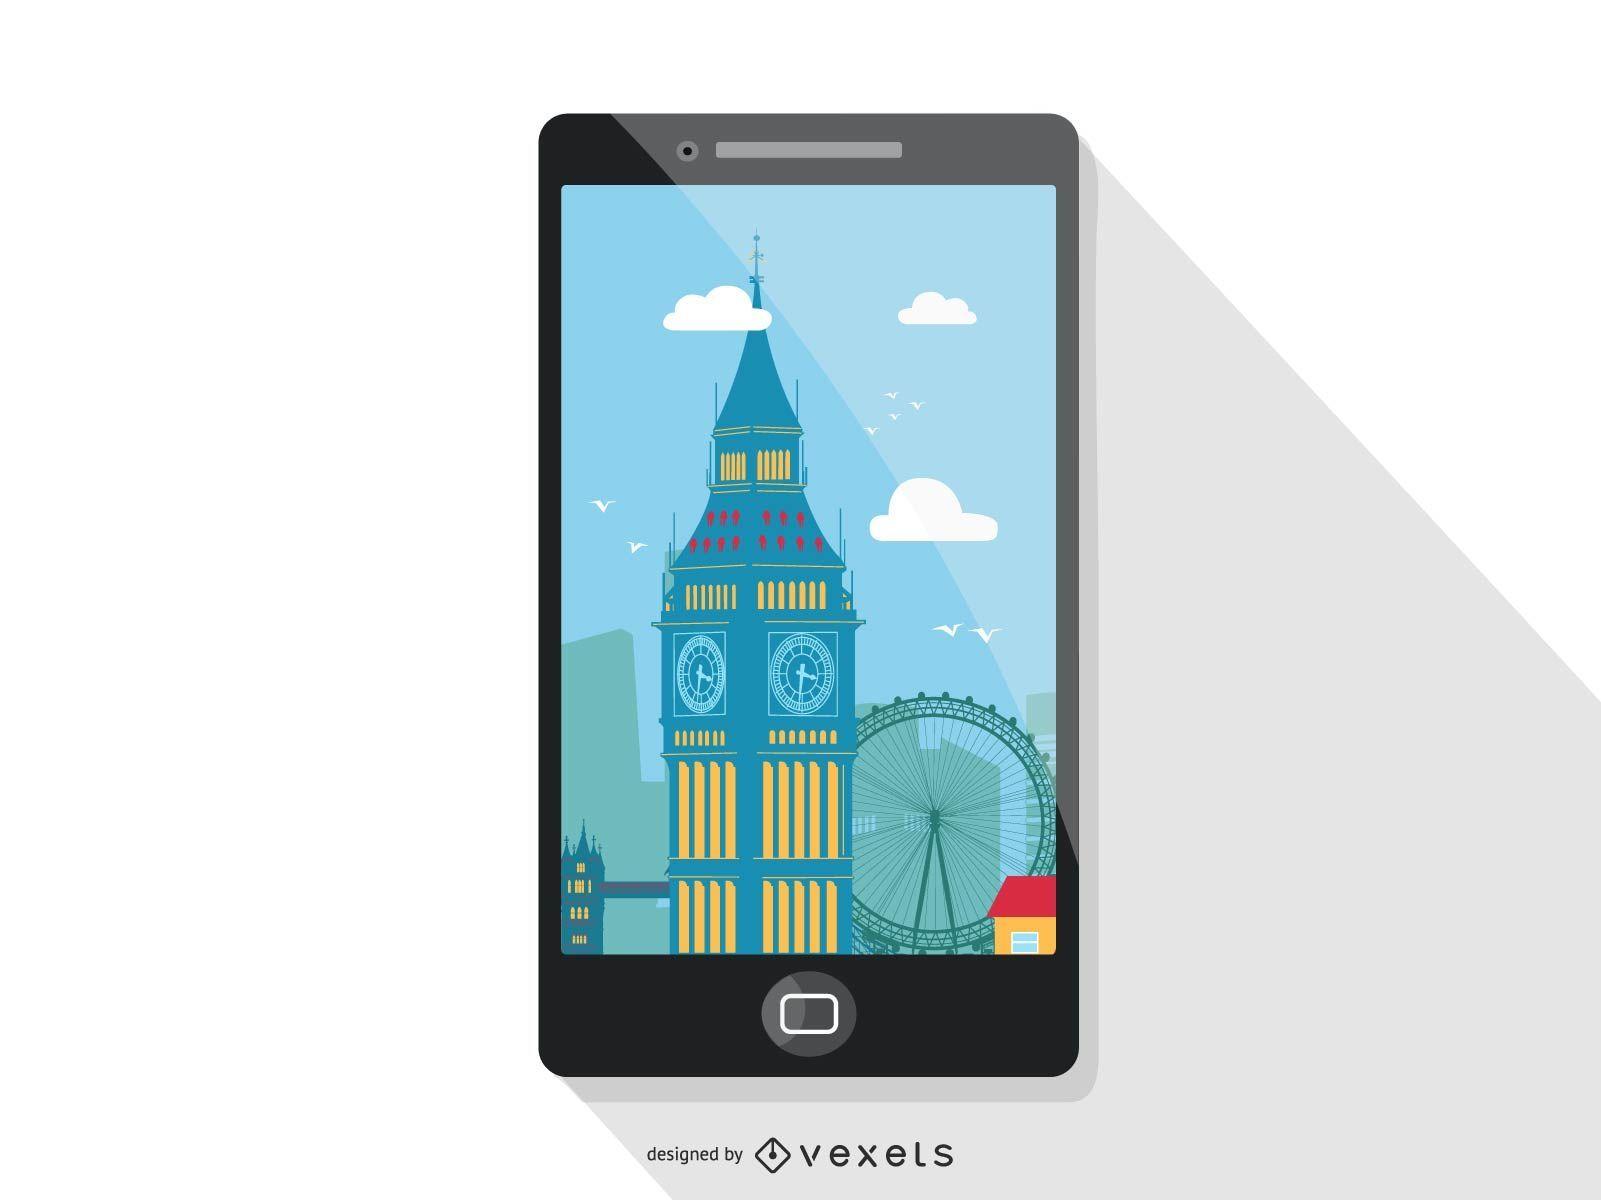 Diseño de pantalla de viaje para smartphone